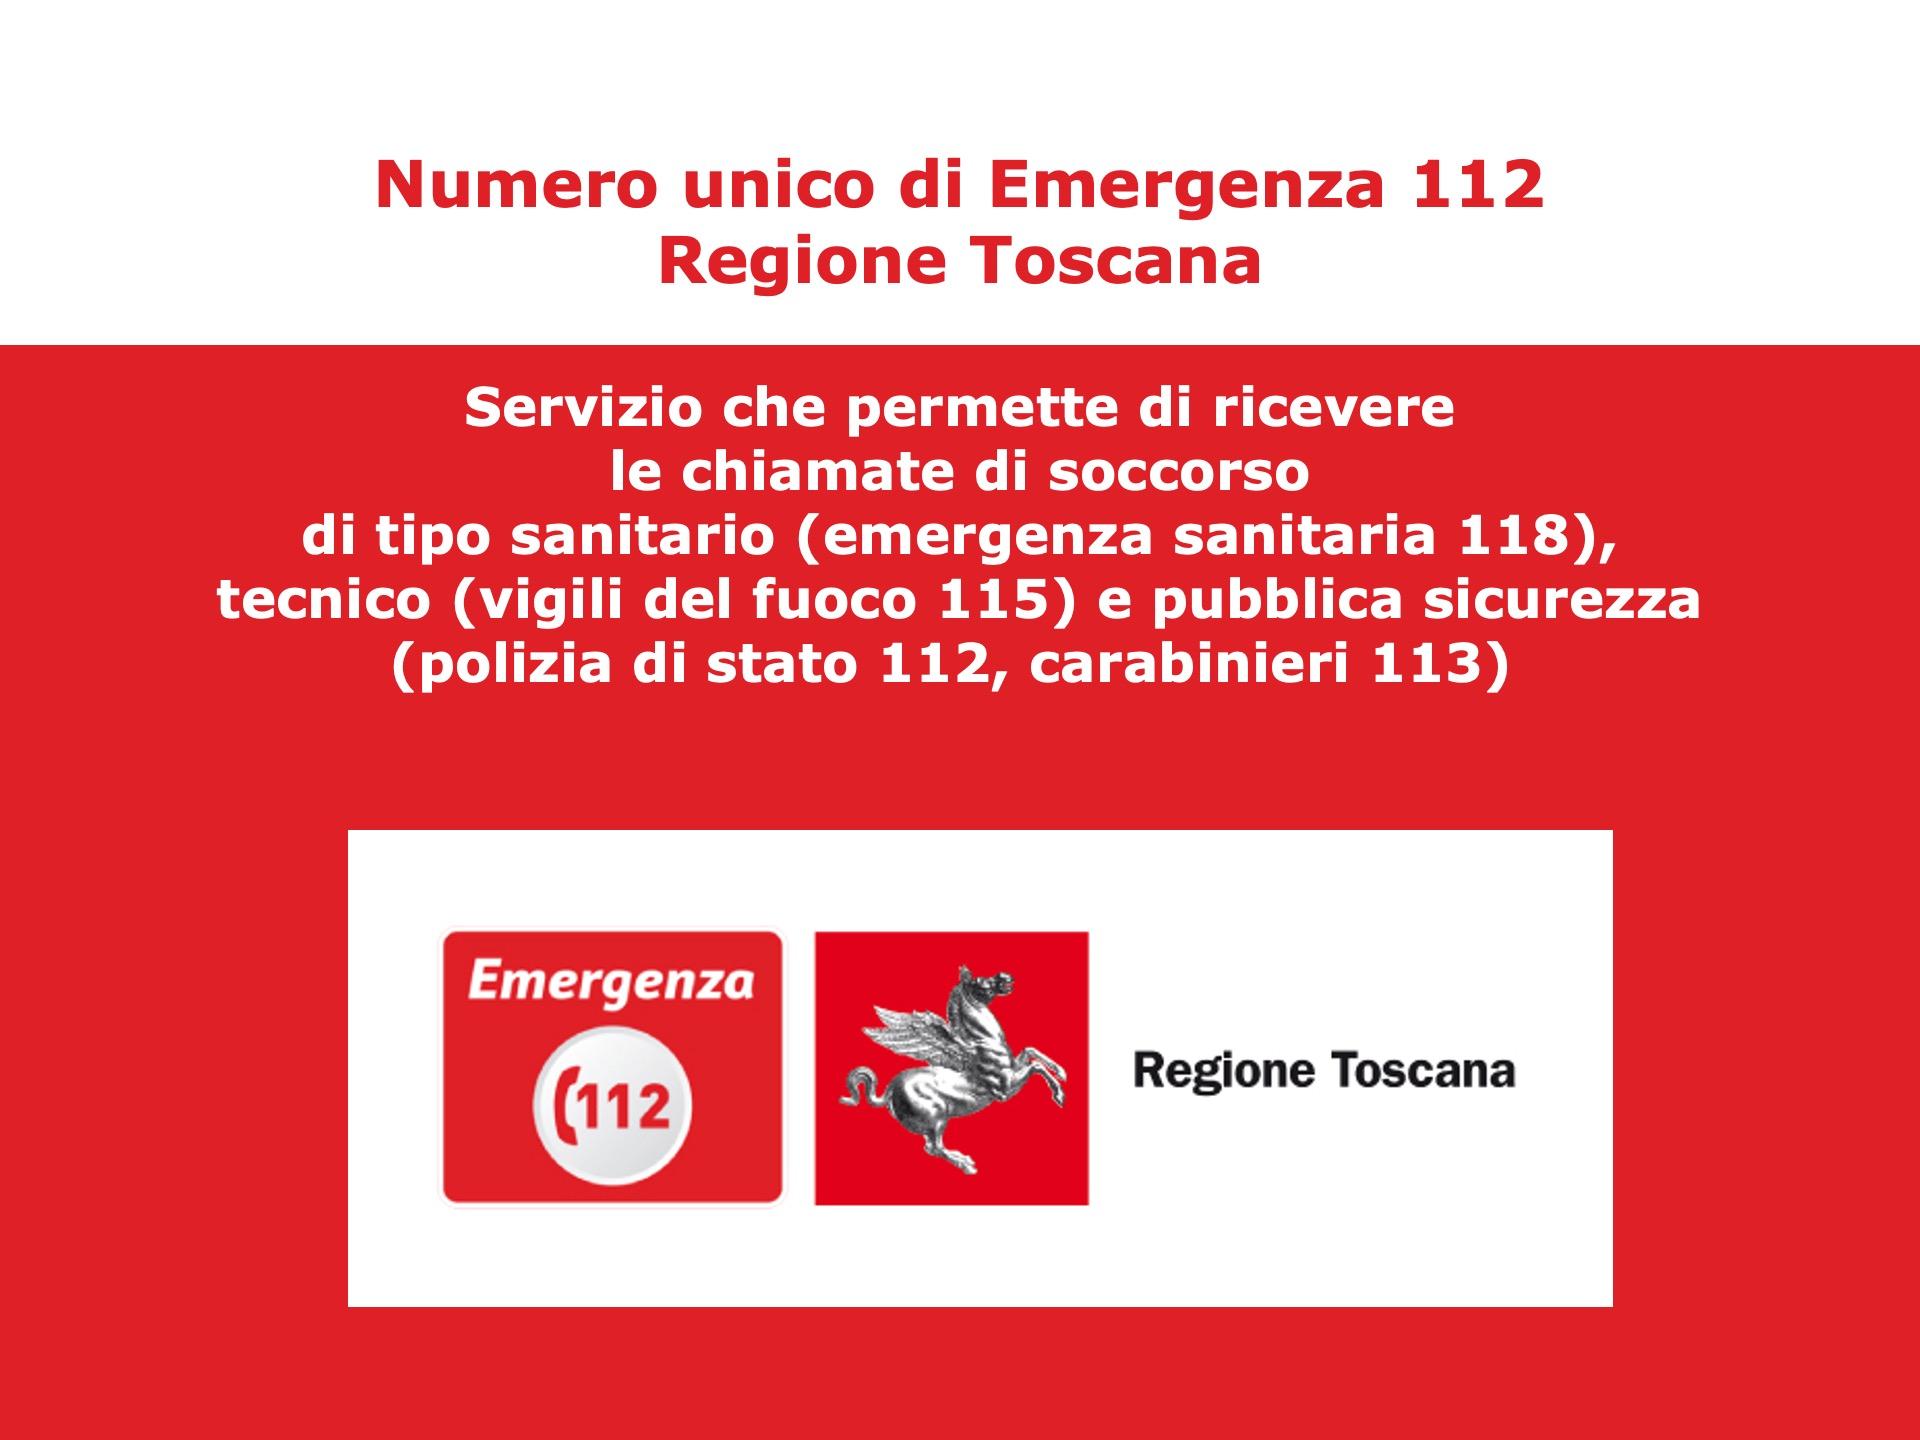 NUE 112 Regione Toscana